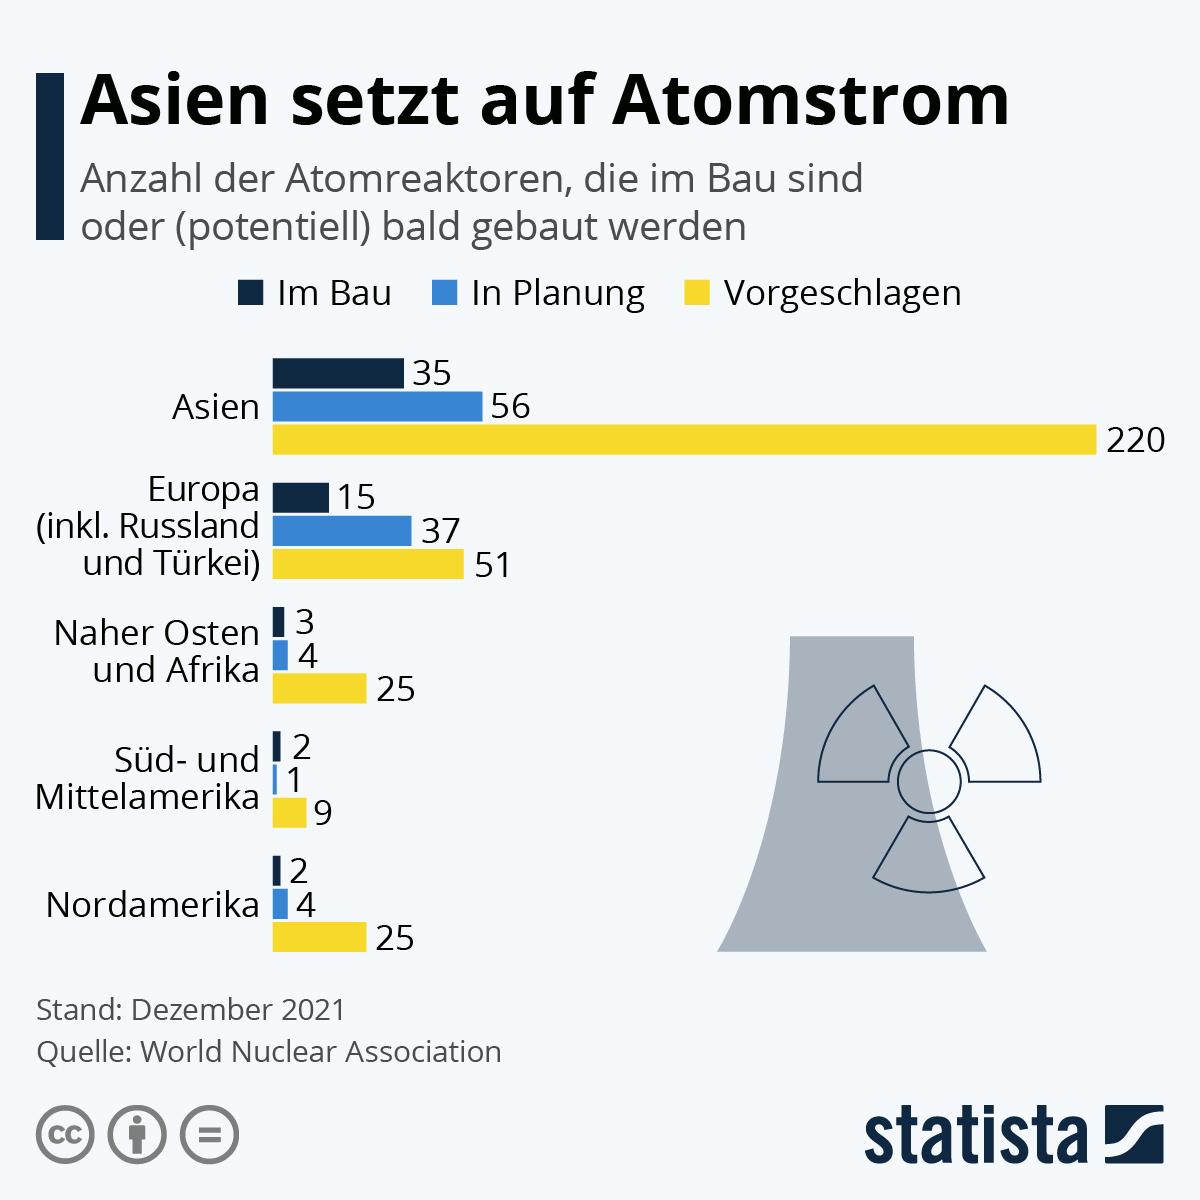 Asien setzt auf Atomstrom | Statista